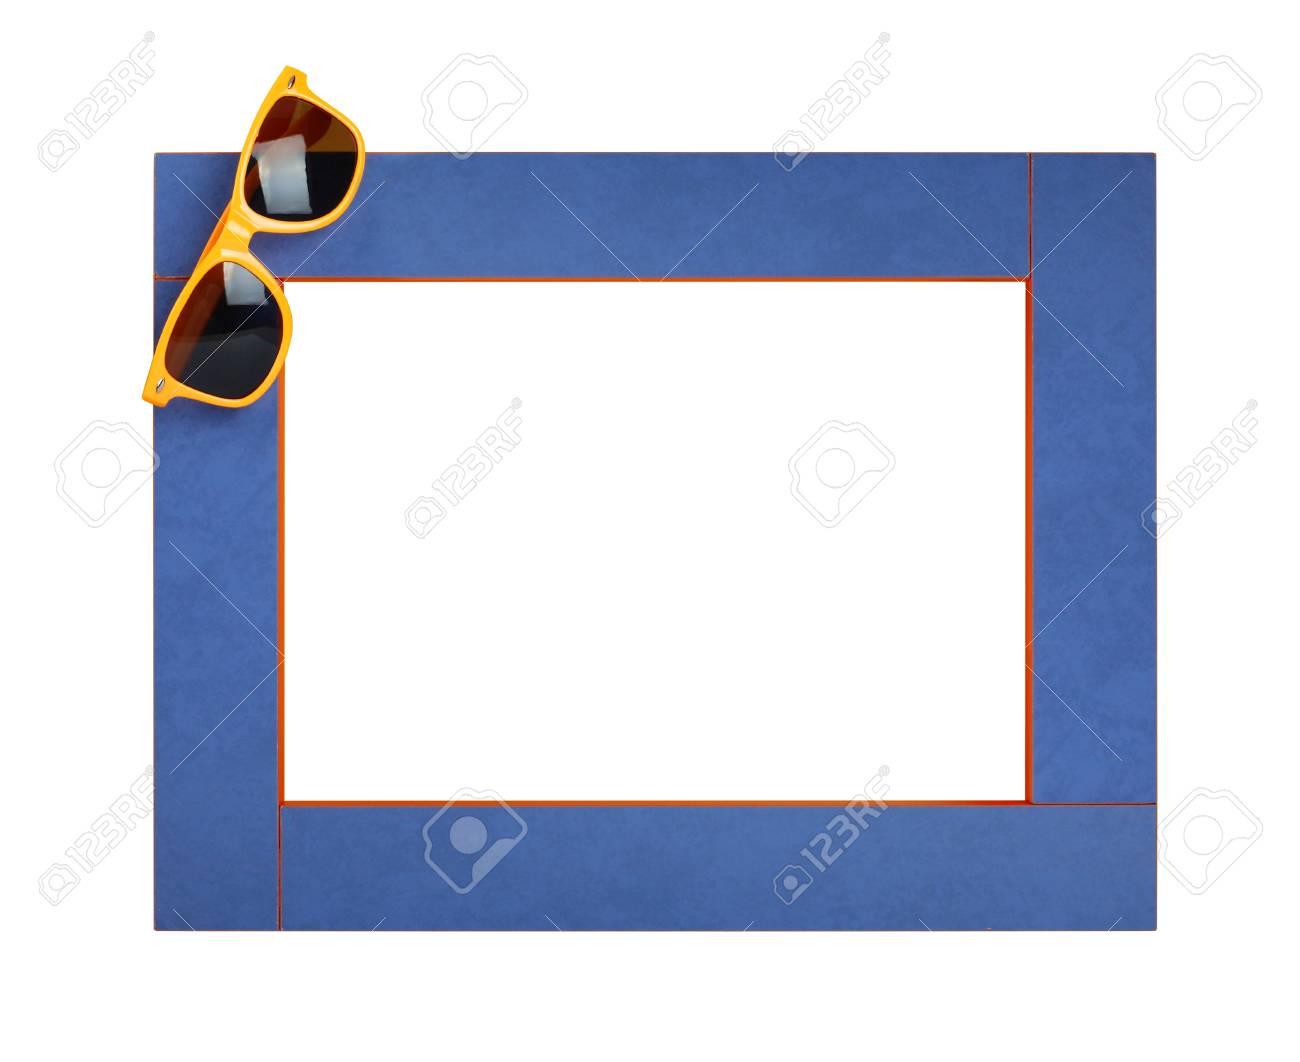 Foto de archivo - Marco de verano de arte con gafas de sol amarillas sobre  un fondo blanco. Aislado 13af8ee287dc